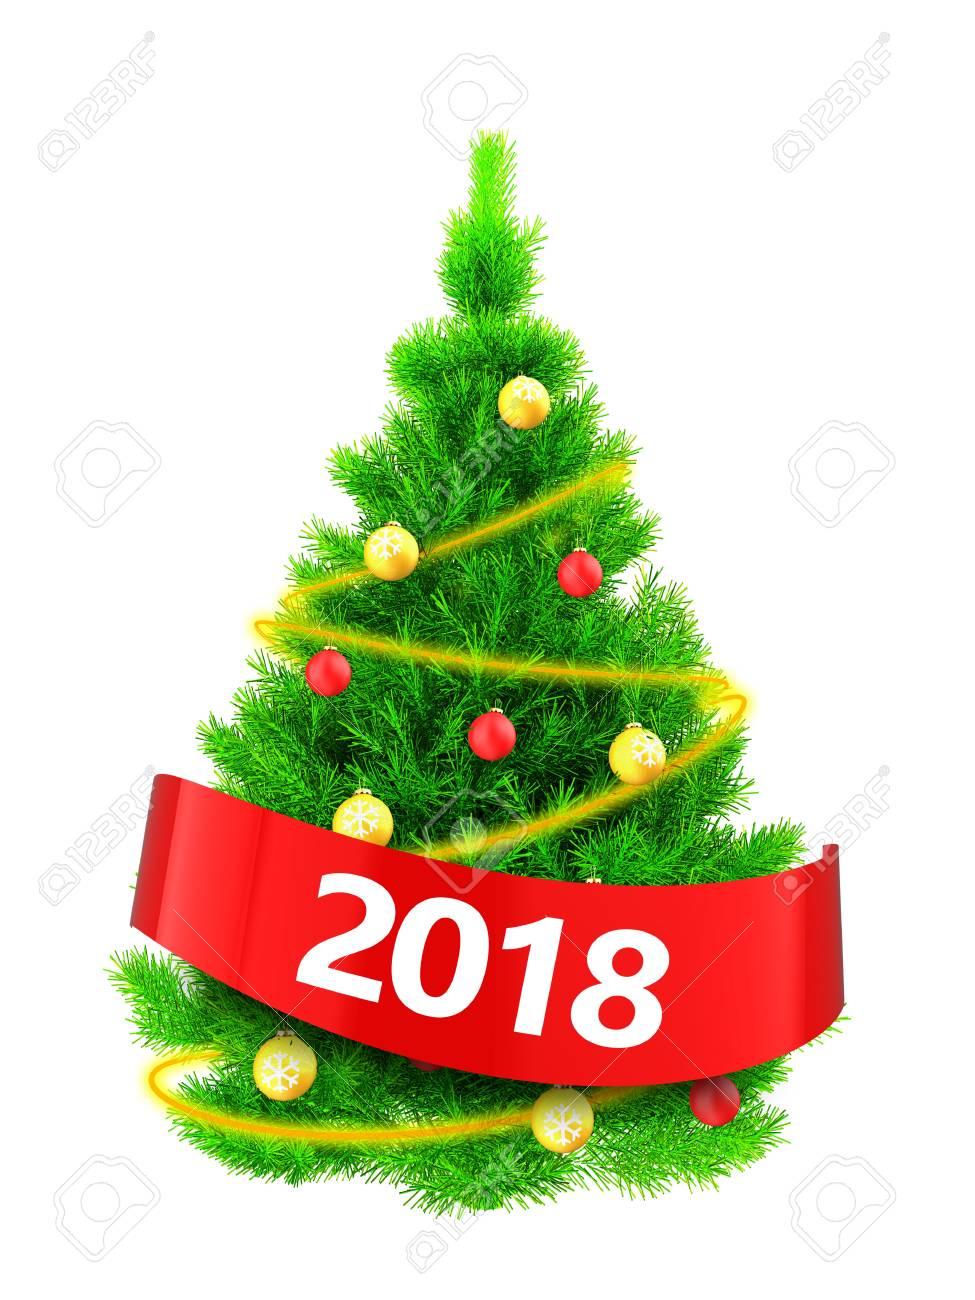 Immagini Dell Albero Di Natale.Illustrazione 3d Dell Albero Di Natale Verde Al Neon Sopra Priorita Bassa Bianca